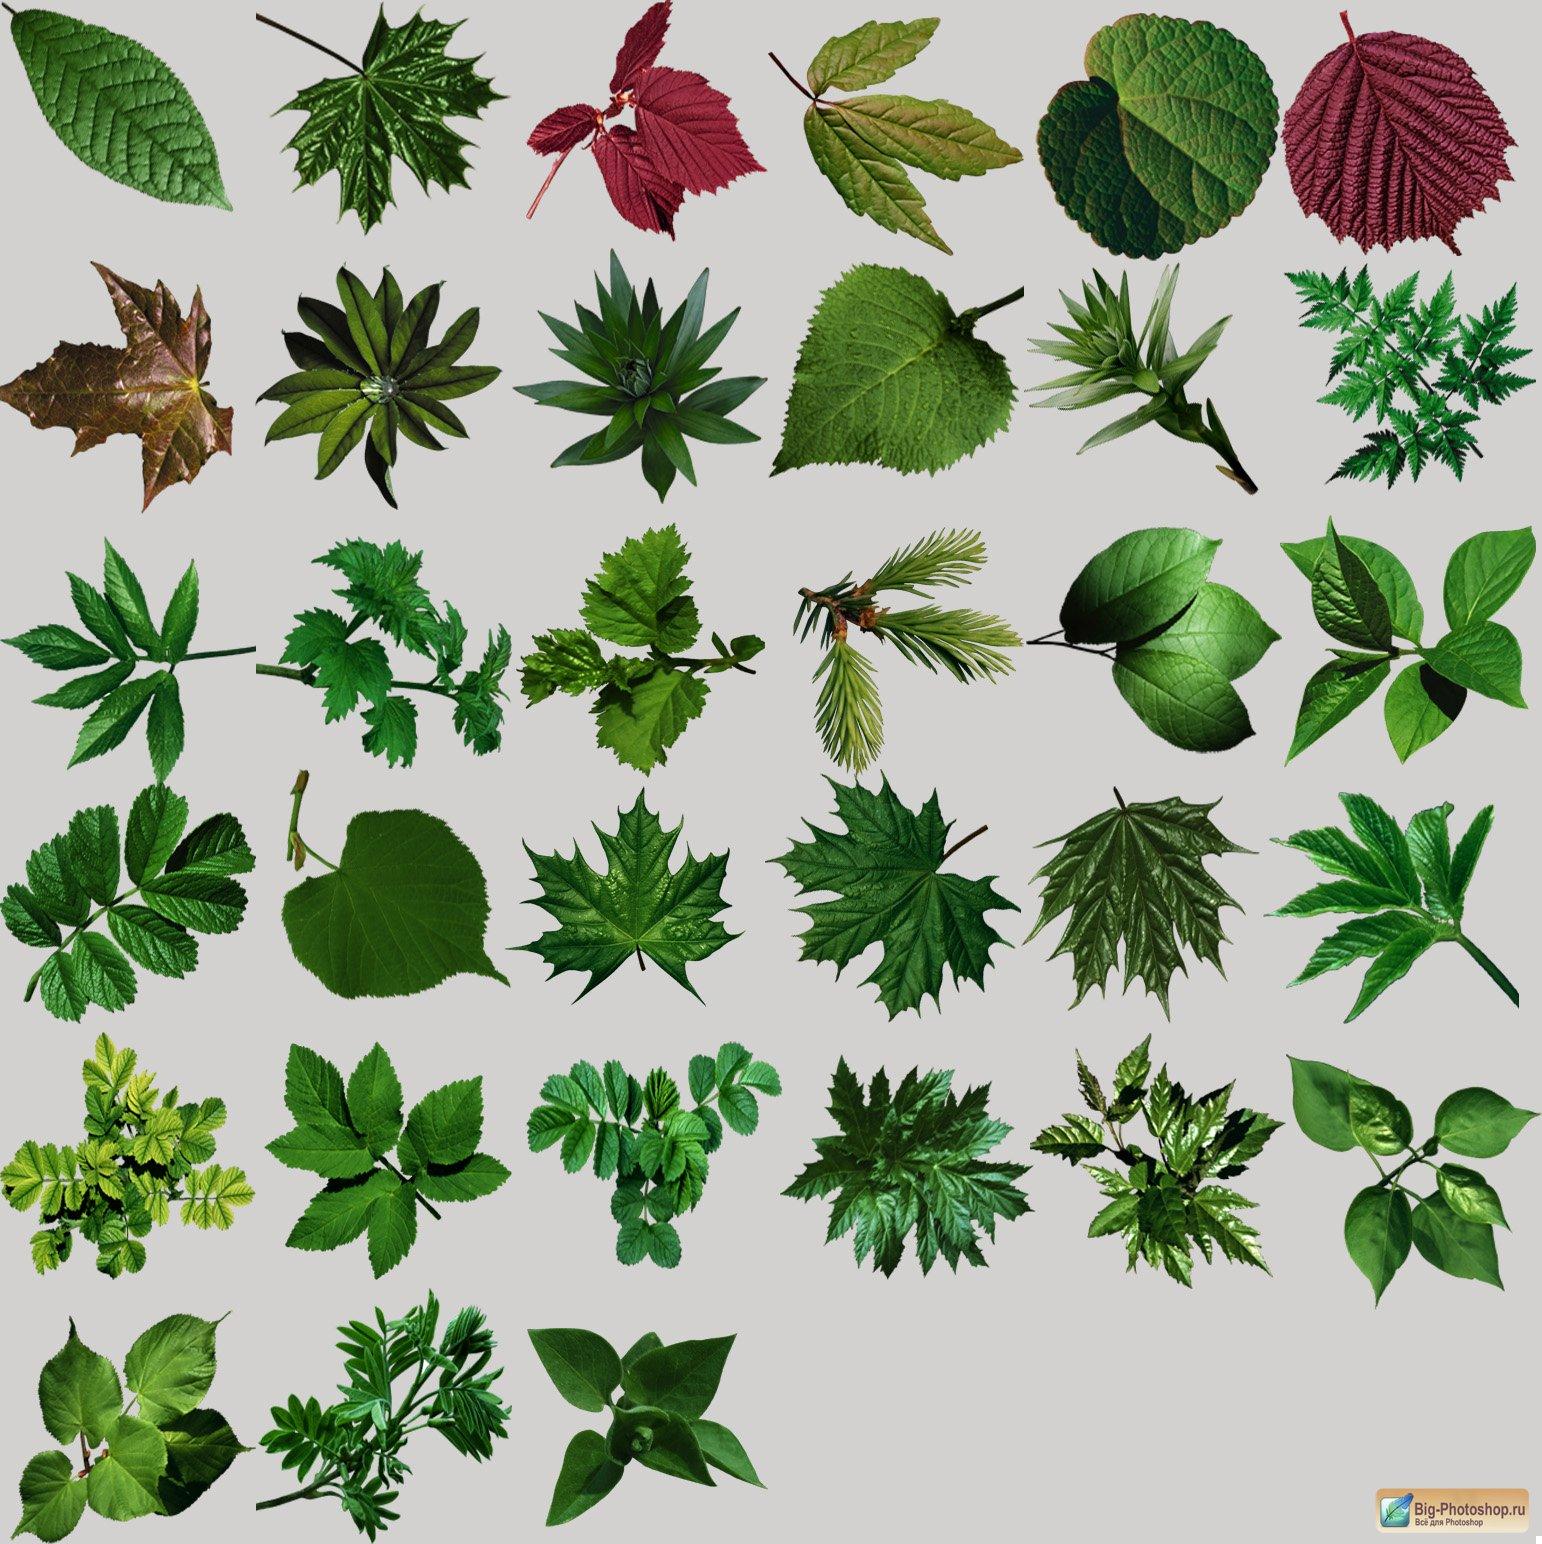 Скачать иконки - зеленые листочки разных деревьев: 33 шт.